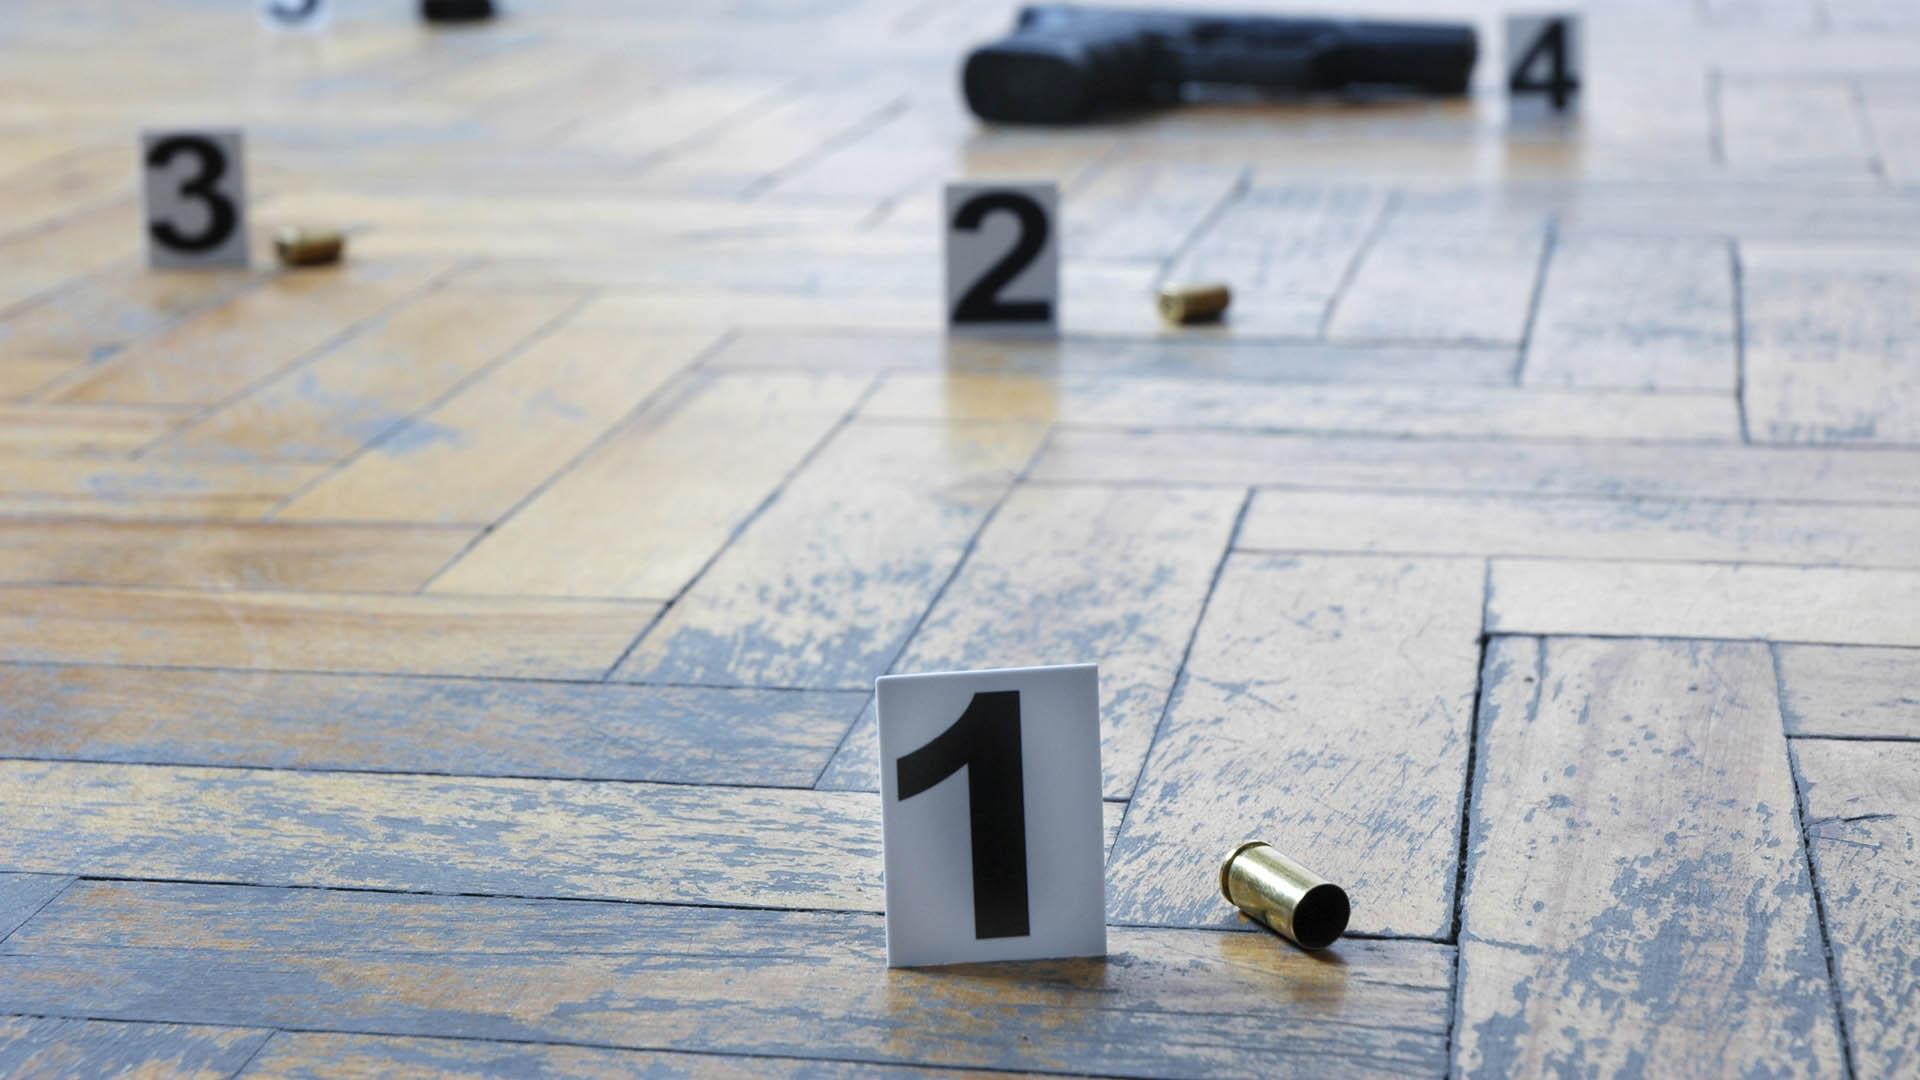 Testigos afirmaron que el delincuente disparó a un hombre tras una discusión